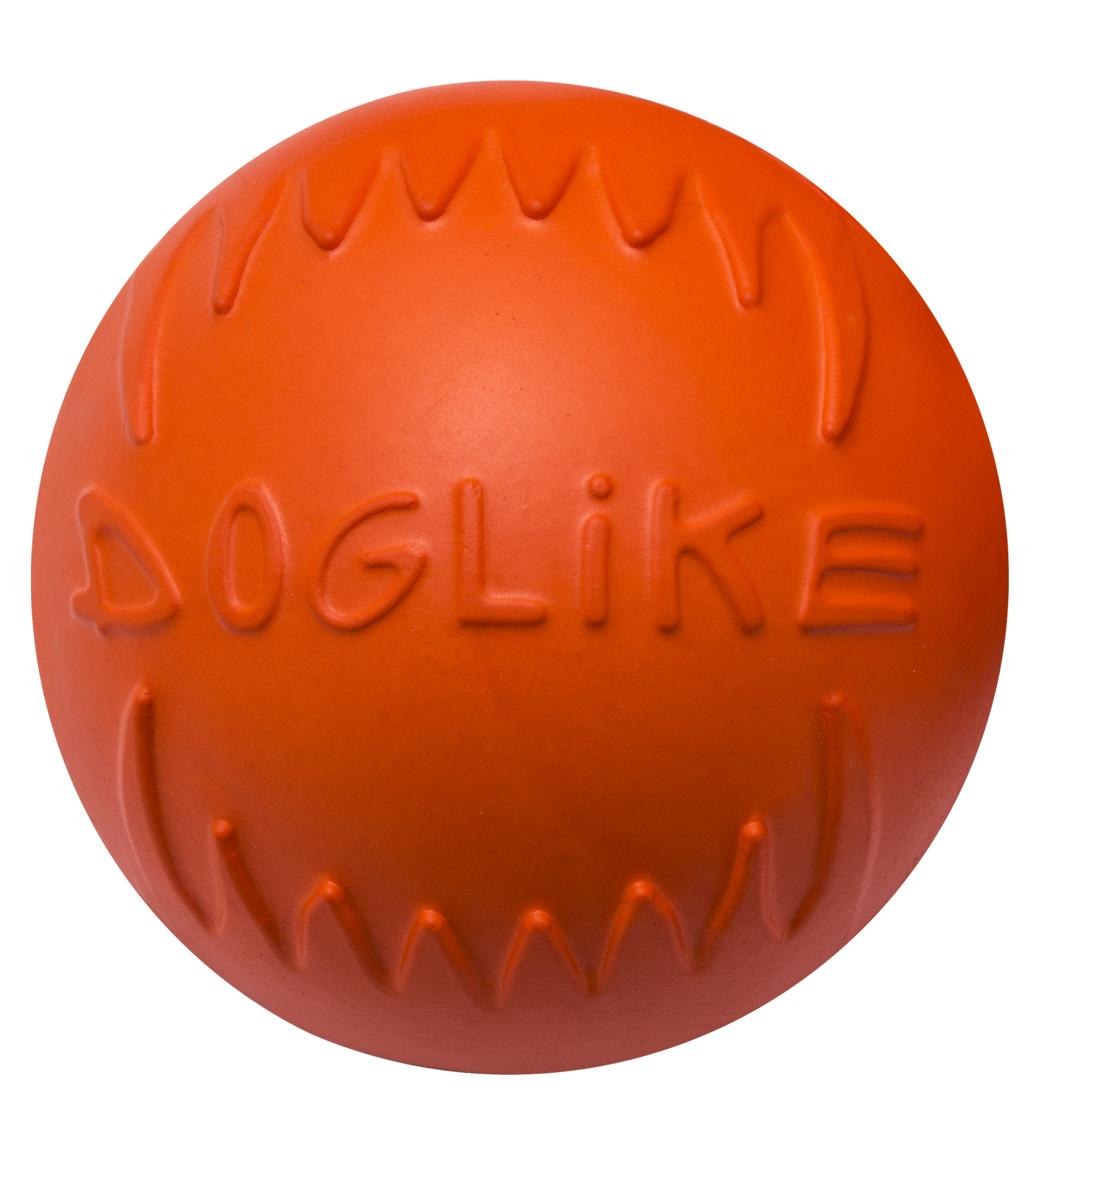 Игрушка для животных Doglike Мяч, диаметр 8,5 смDM-7342Doglike Мяч - простая инезамысловатая игрушка для собак, которая способна решитьмногие проблемы здоровья вашего четвероногого любимца. Мяч выполнен из ЭВА. Если ваш пес портит мебель, излишне агрессивен, непослушенили страдает излишним весом то, скорее всего, корень всех бедкроется в недостаточной физической и эмоциональнойнагрузке.Порадуйте своего питомца прекрасным и качественнымподарком. - Сохраняет эластичность -50 +50; - Усиленная формула материала; - Не тонет в воде. Безопасно для зубов собаки; - Экологически чистый материал.Диаметр игрушки: 8,5 см.